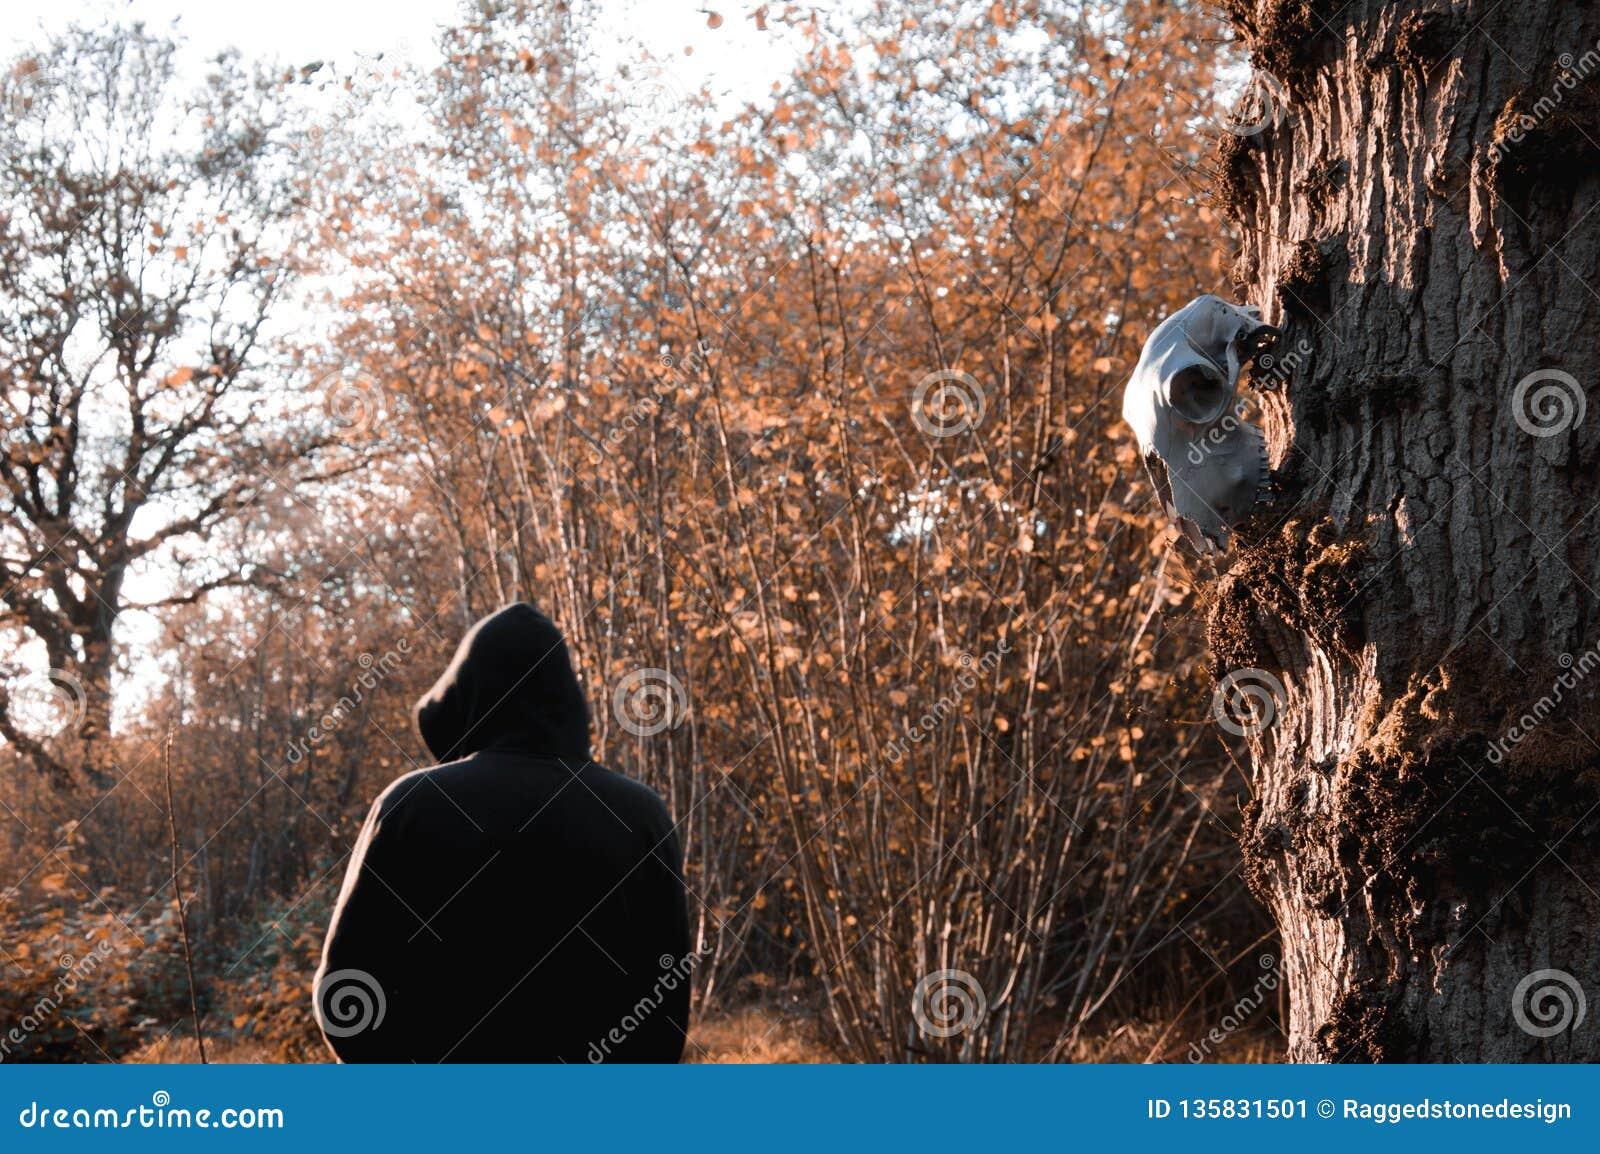 Ein Schafschädel, der von einem Baum hängt, während eine unheimliche mit Kapuze Zahl im Hintergrund steht, verwischt und unscharf